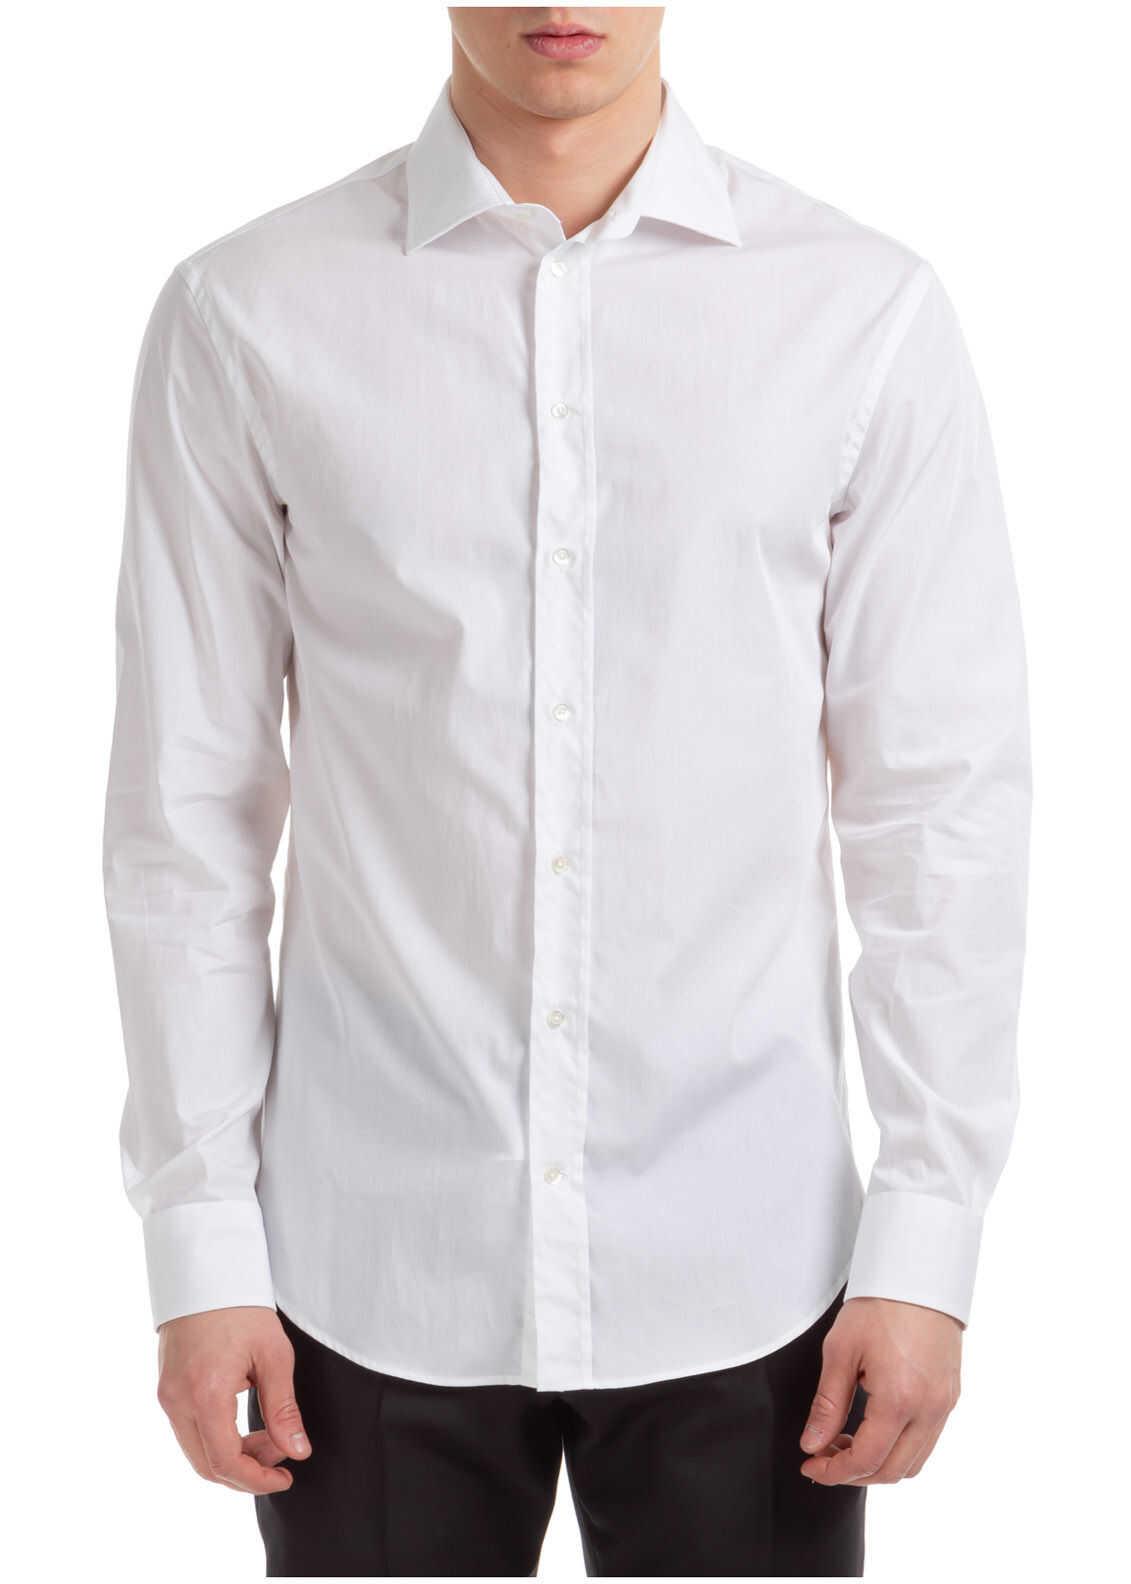 Emporio Armani Modern Fit White imagine